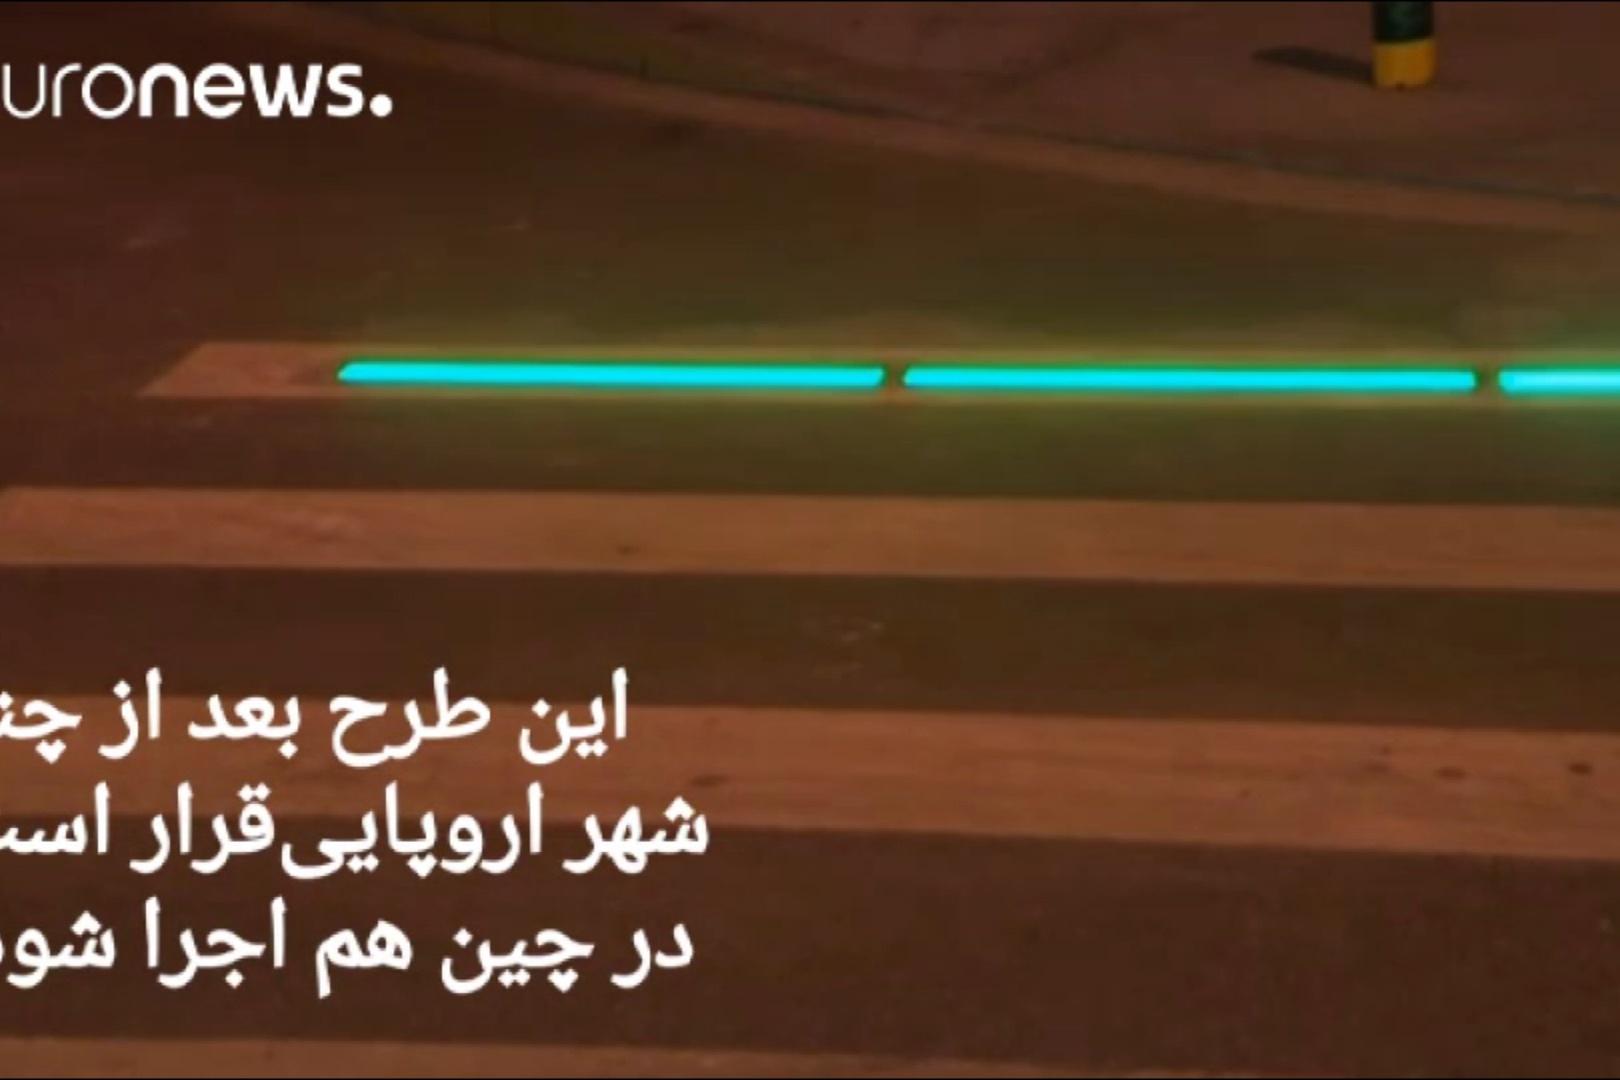 فیلم | چراغهای هشدار در کف خیابان برای محافظت از موبایل بهدستها